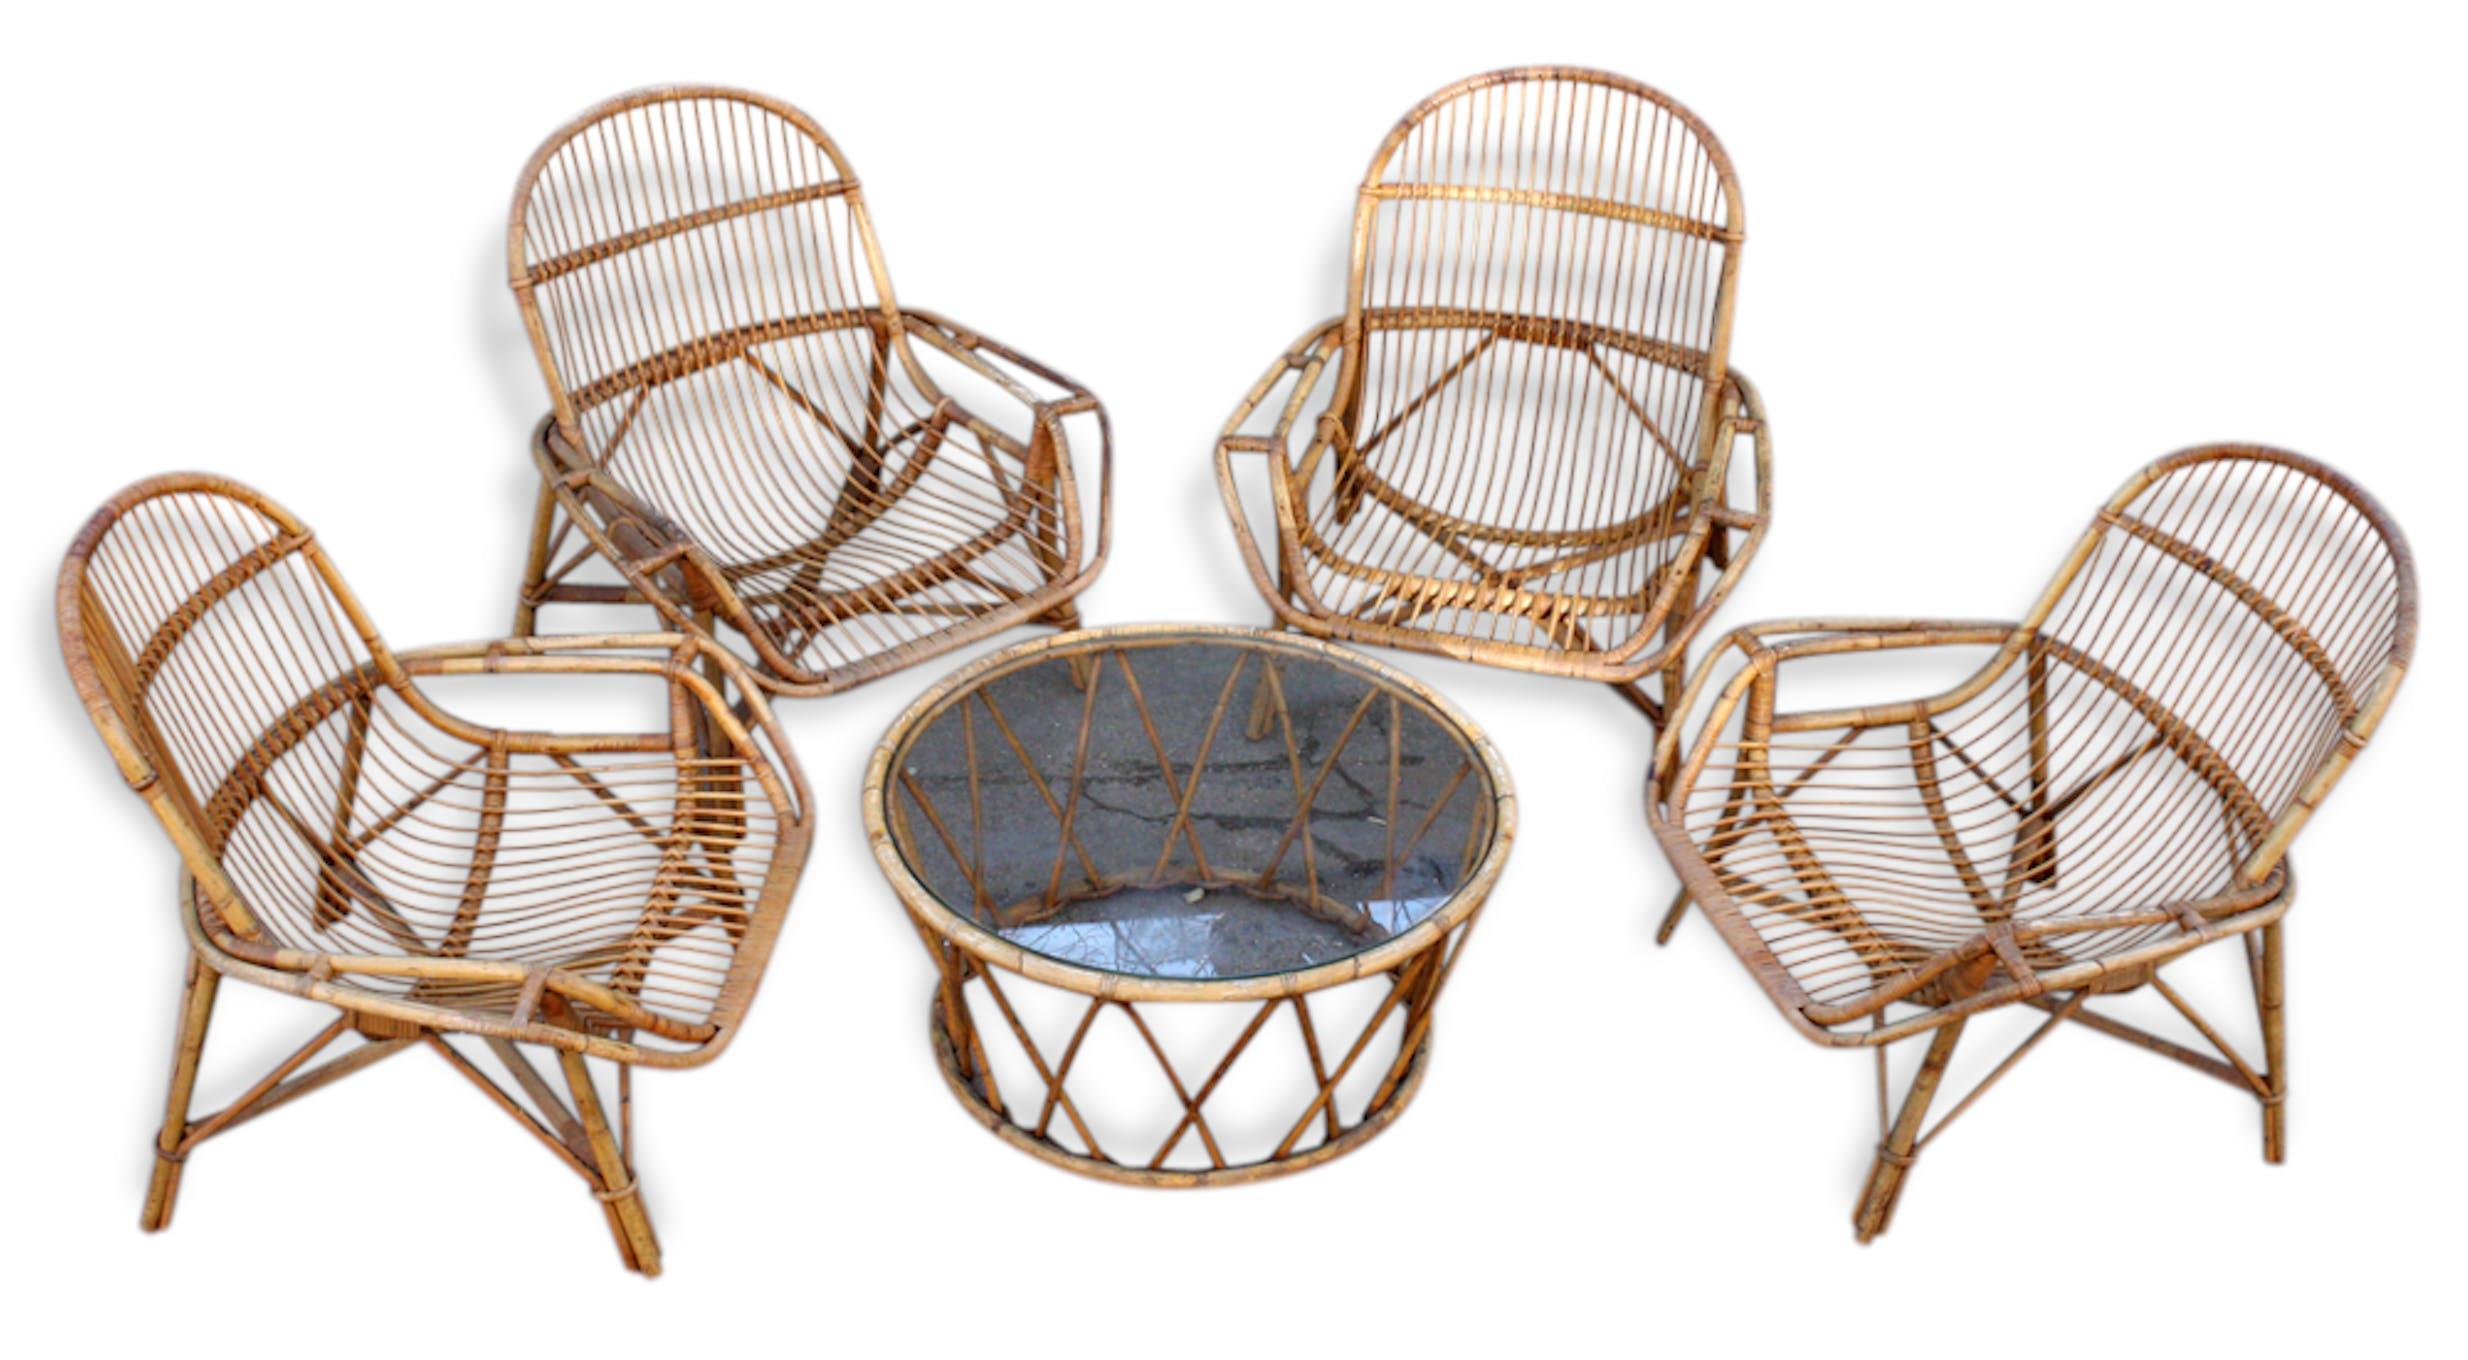 Salon de jardin, fauteuils et table en bambou et rotin naturel ...